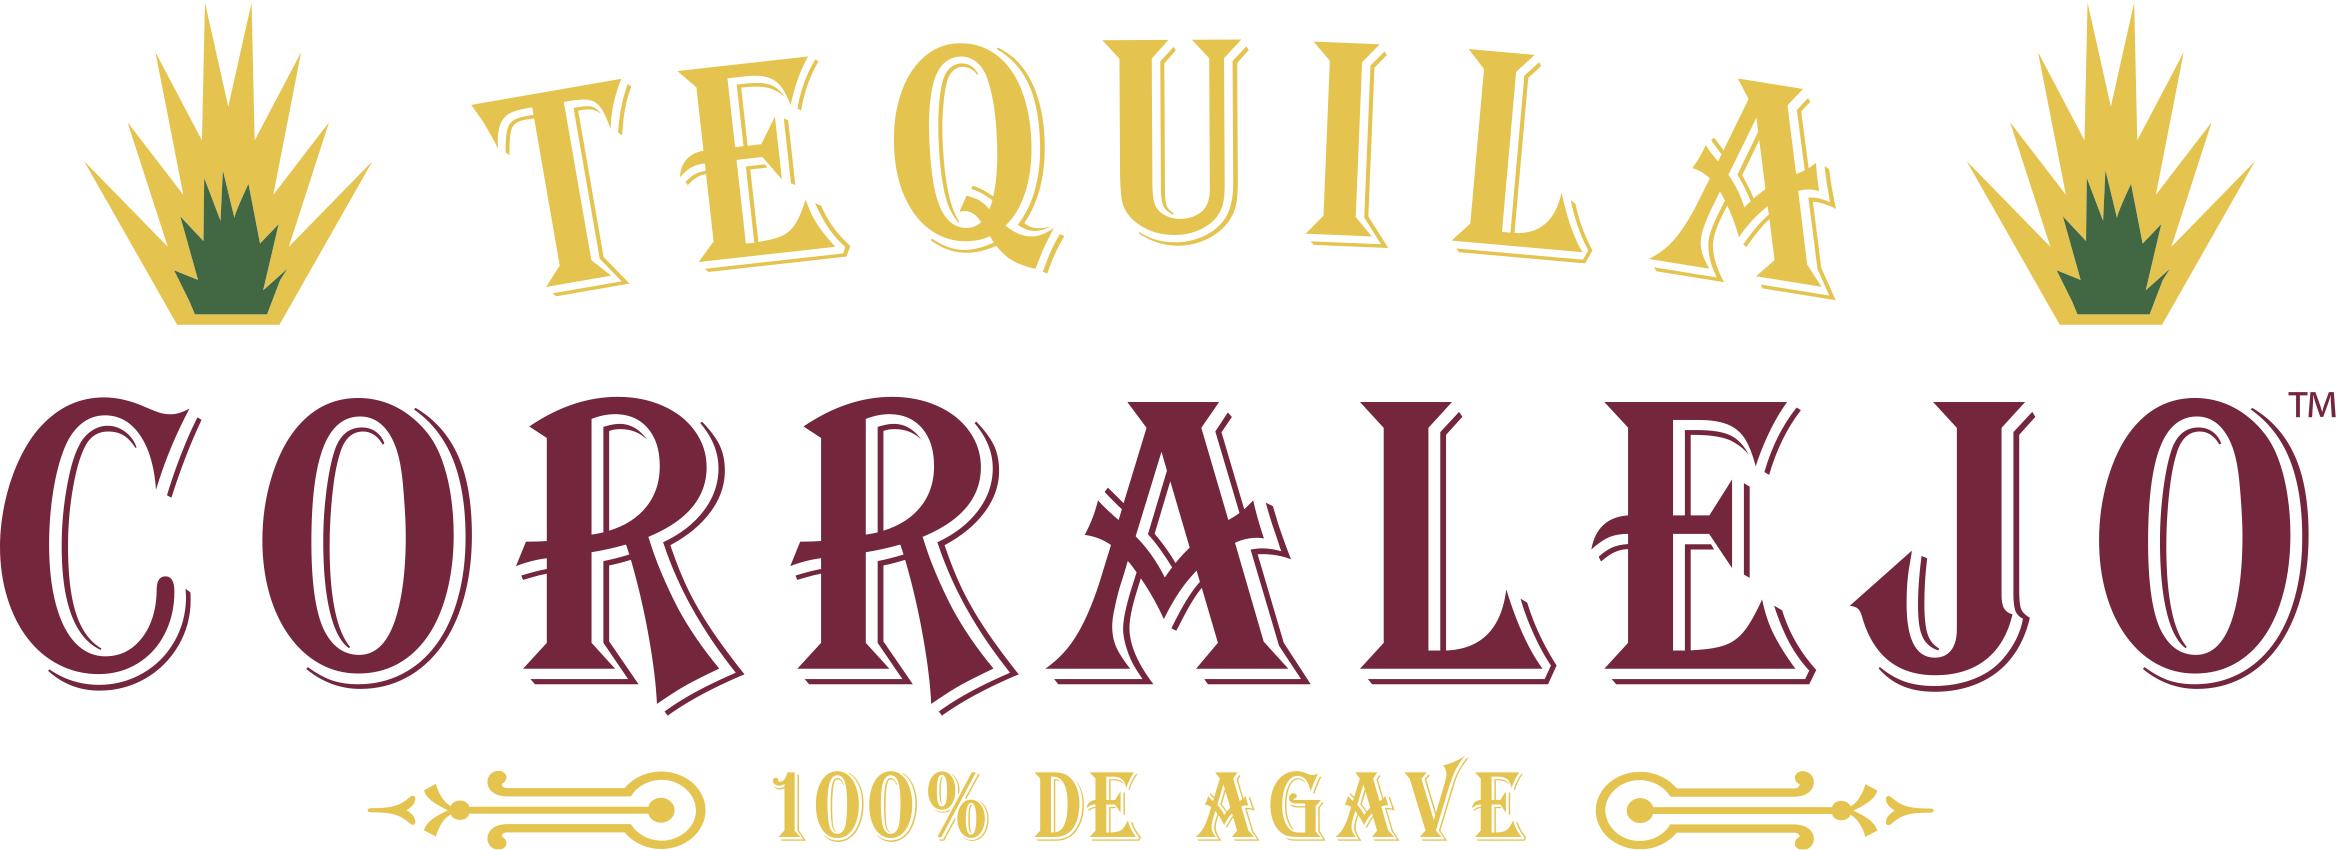 Corralejo Logo - Solid Color.png